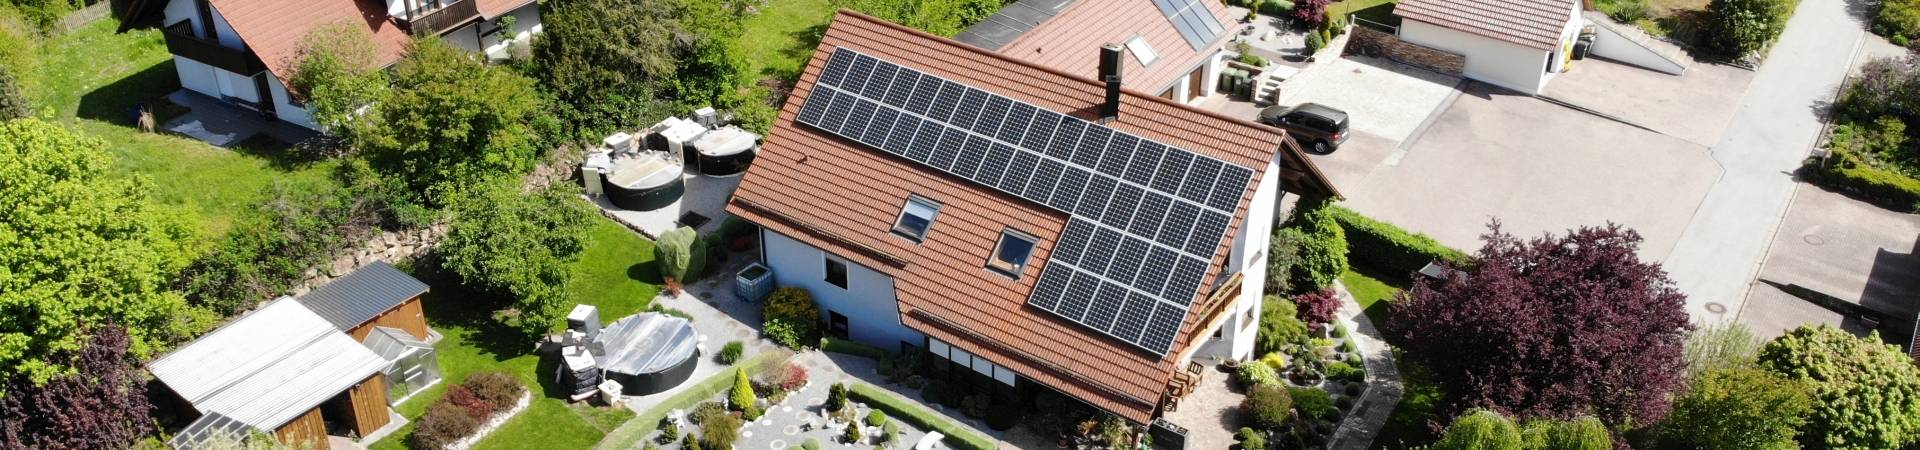 photovoltaik kelheim